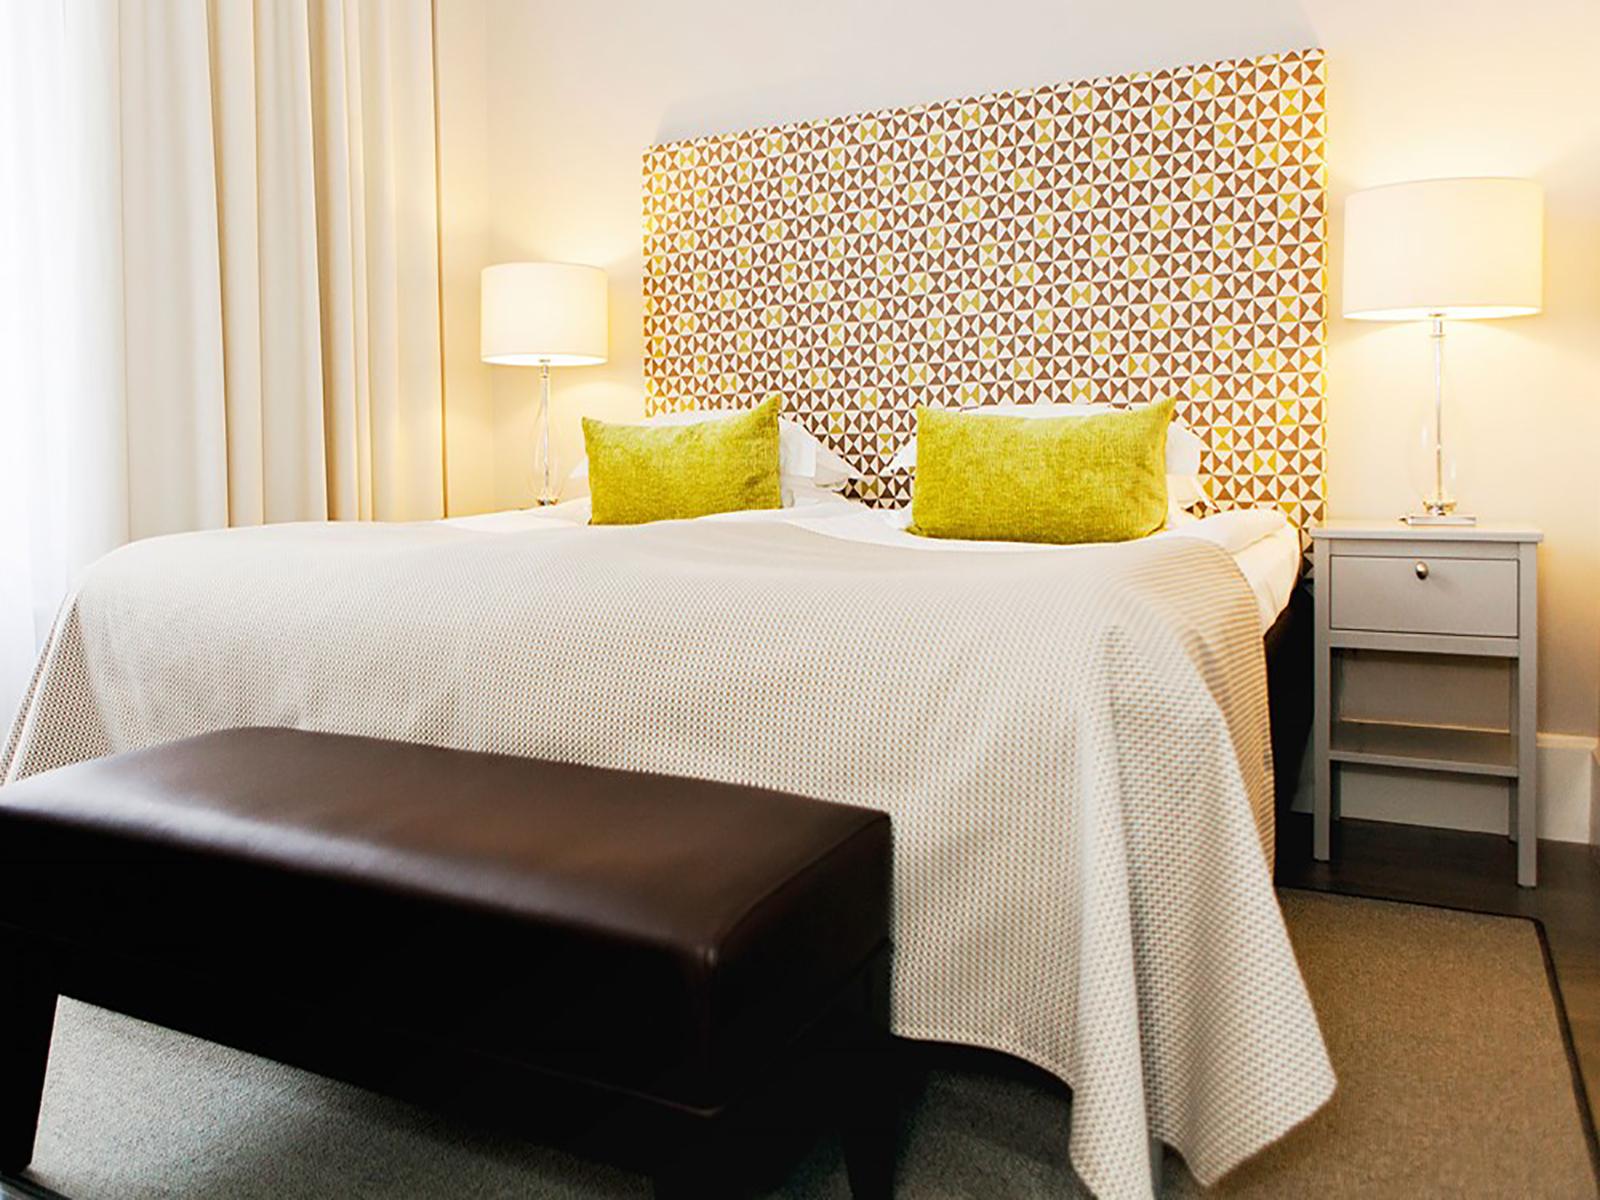 hotel med jacuzzi på værelset jylland meget store bryster